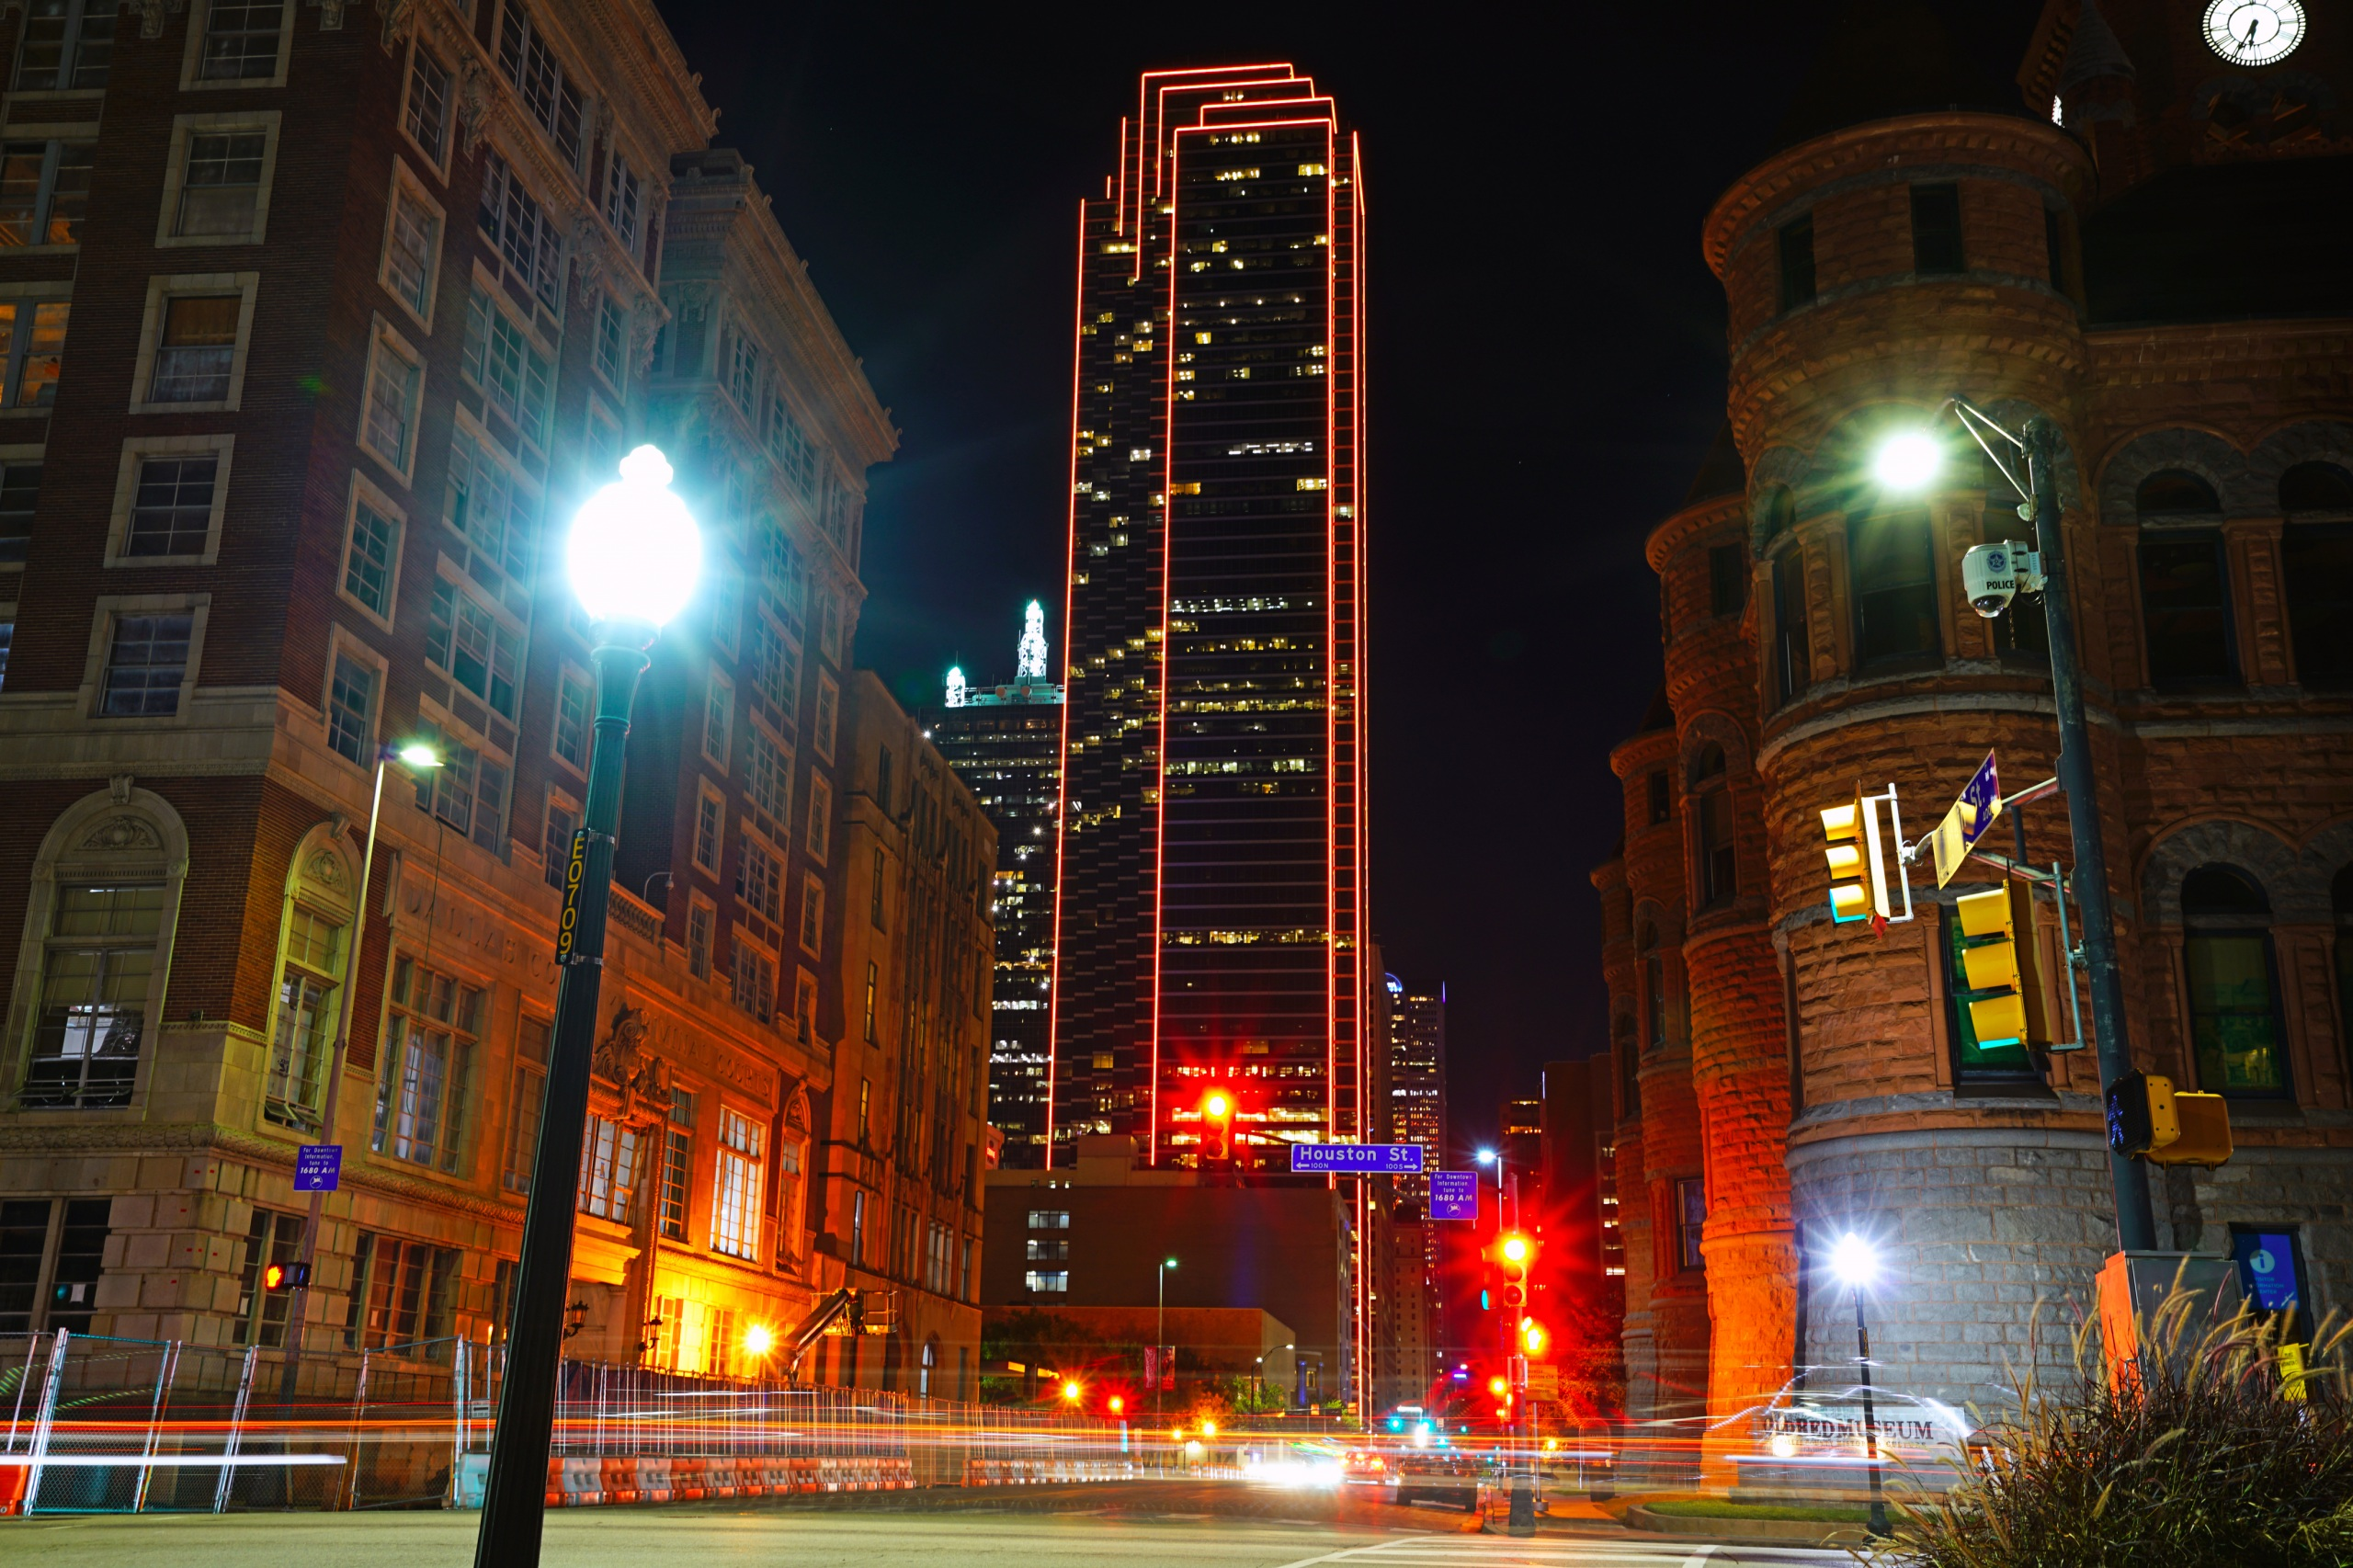 Фотография США Dallas Улица Ночь Уличные фонари Дома Города 2560x1706 штаты улиц улице ночью в ночи Ночные Здания